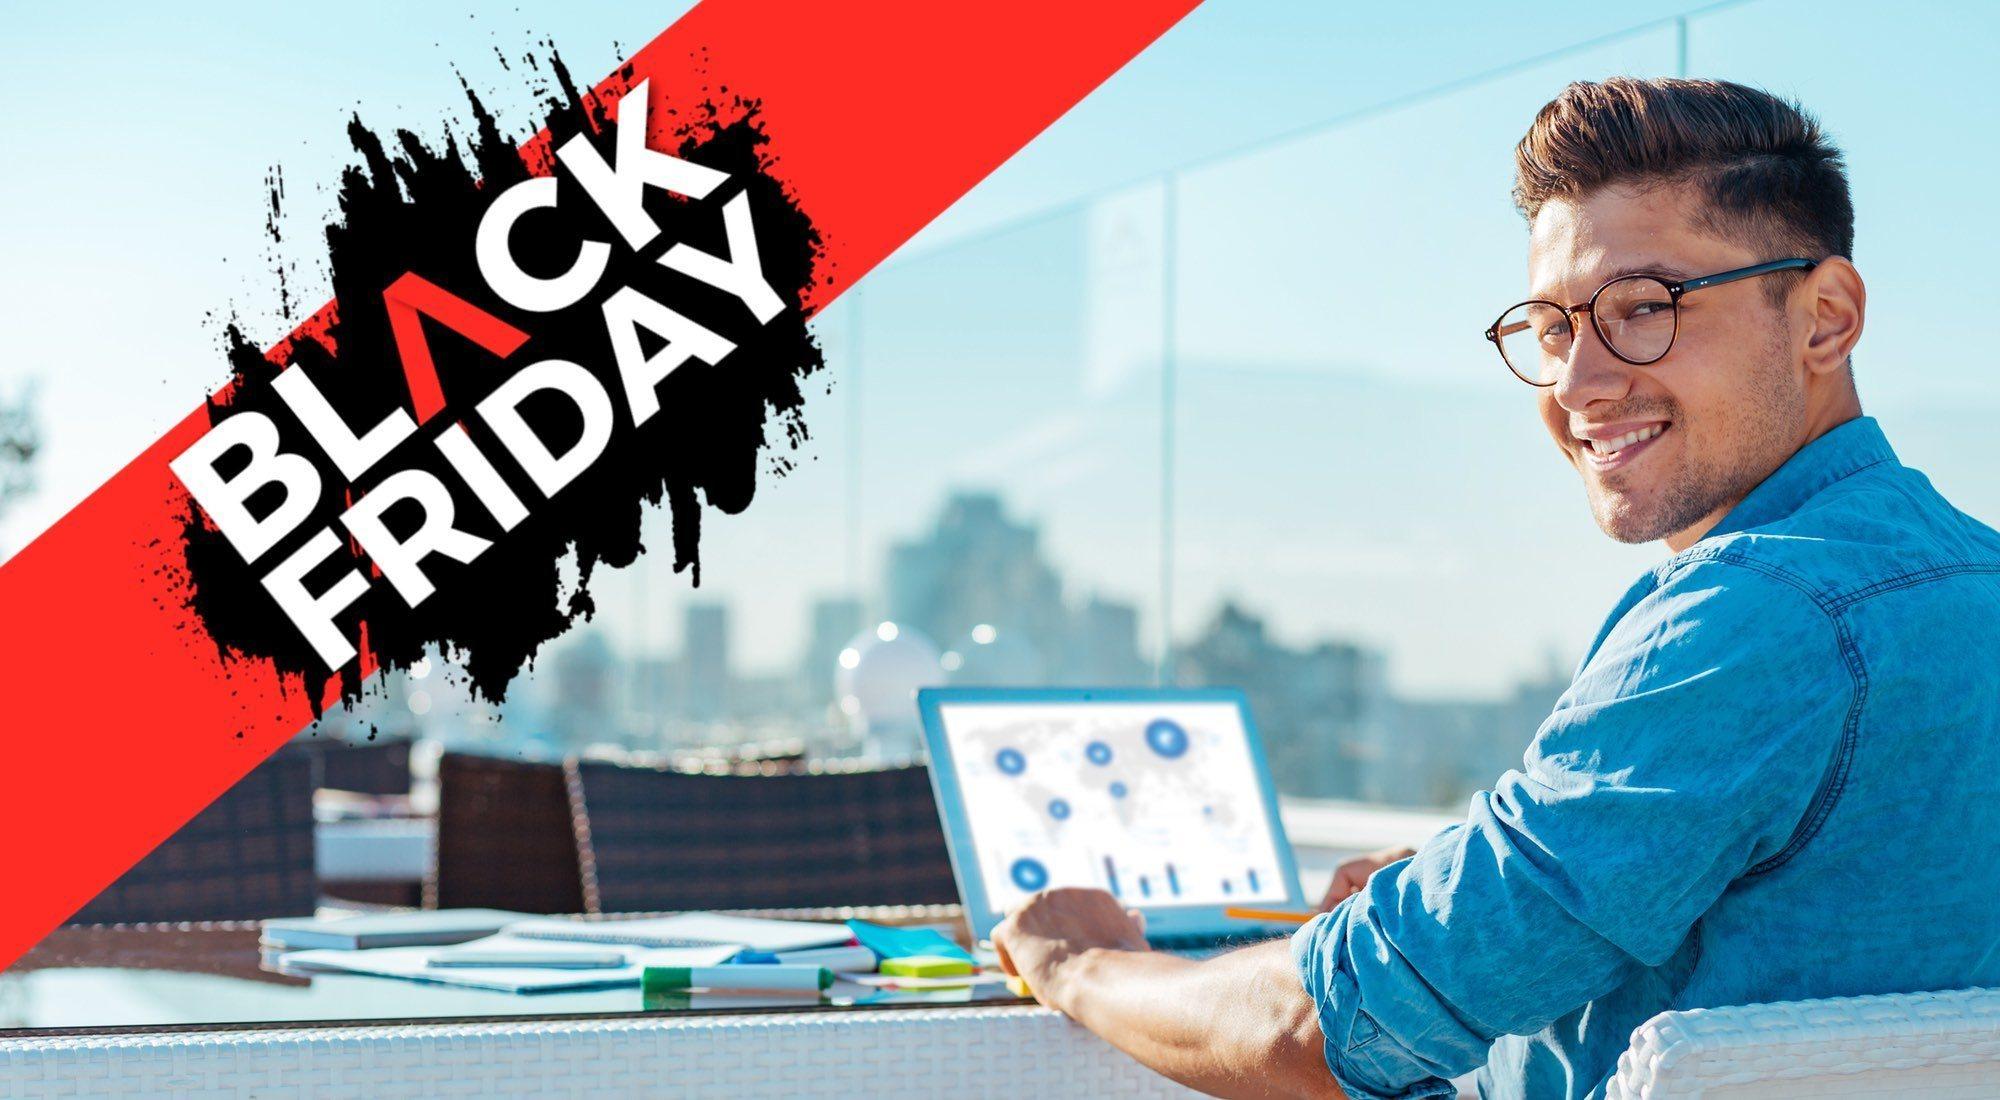 Las mejores ofertas del Black Friday en tecnología